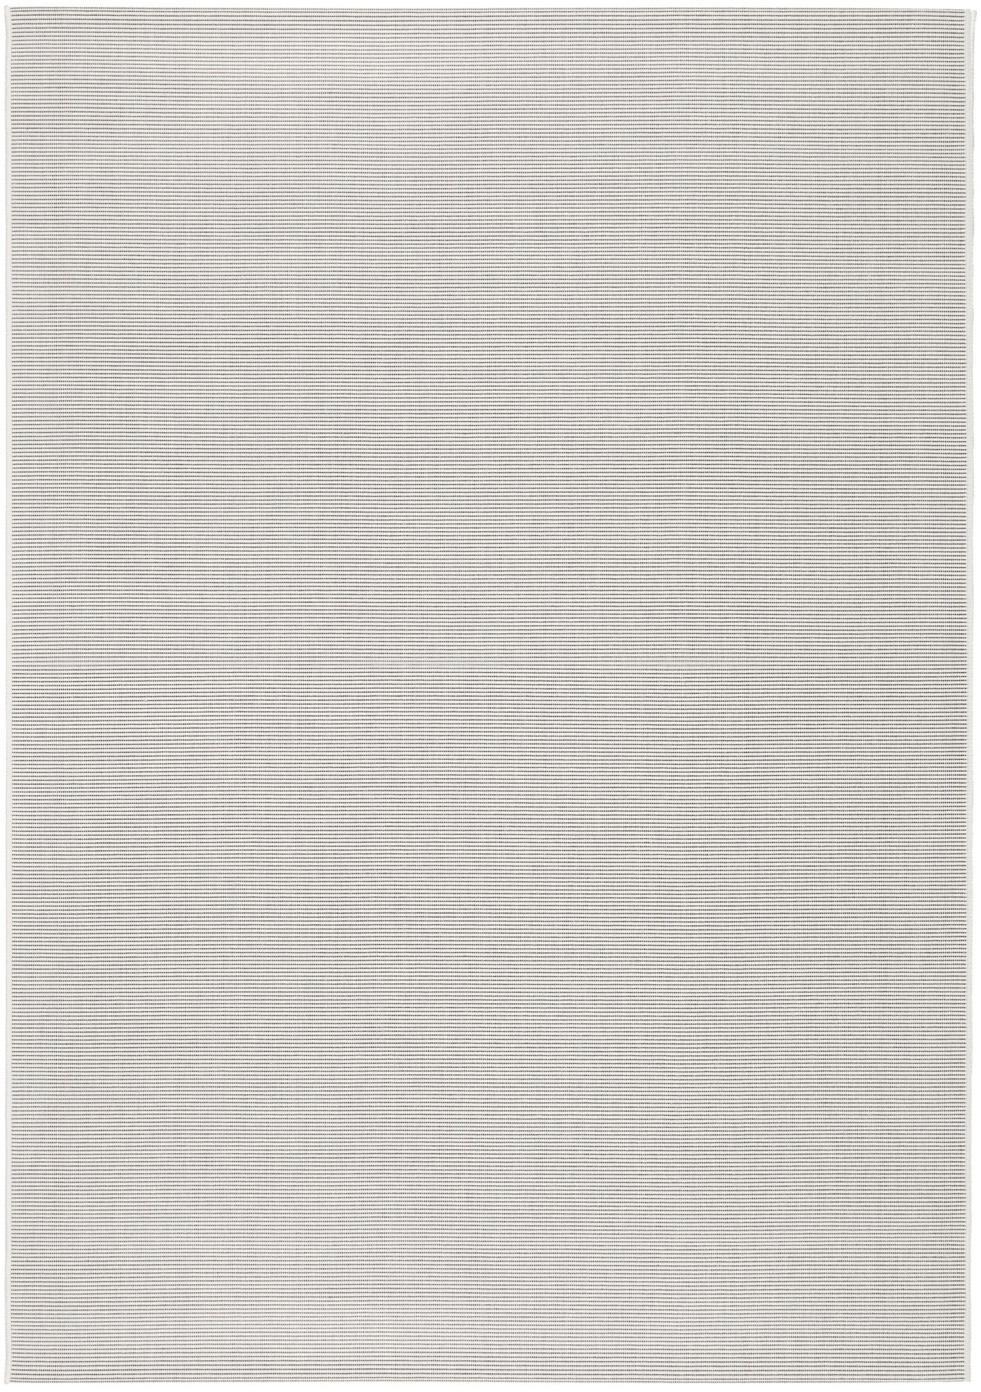 Tappeto da interno-esterno Metro, Polipropilene, Bianco latteo, Larg. 200 x Lung. 290 cm (taglia L)